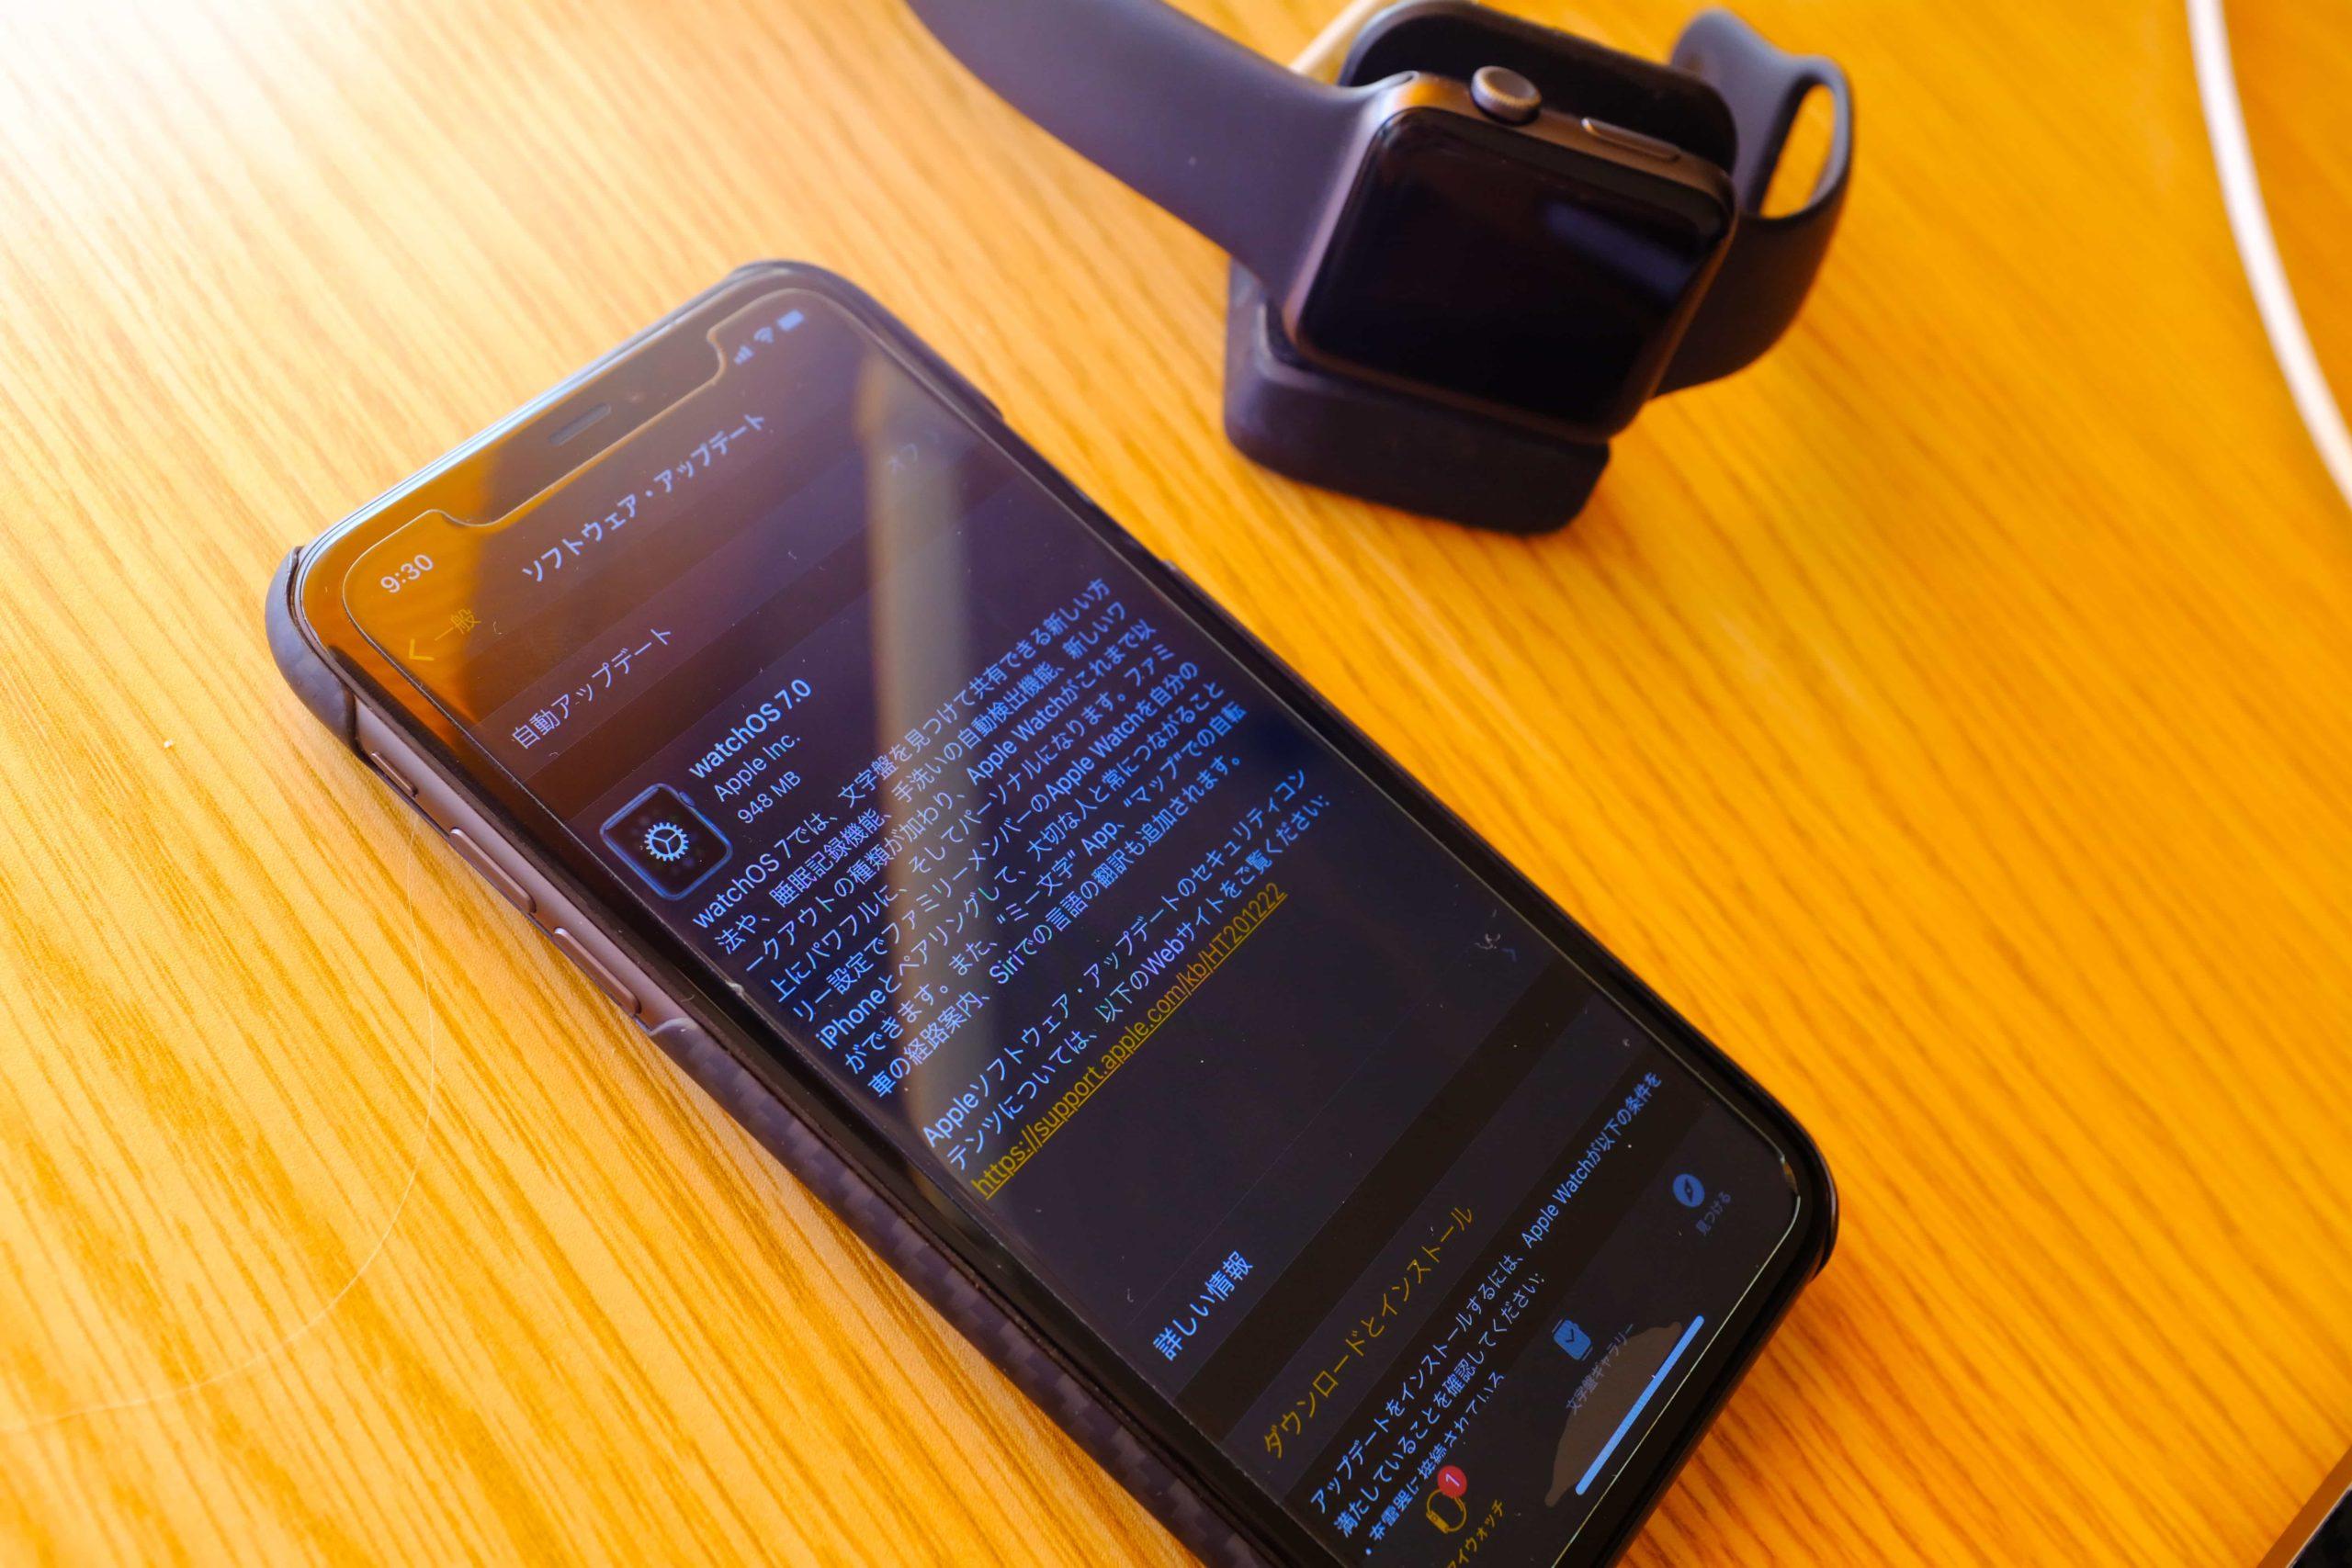 【第2位】Apple Watch Series 3 で「watchOS 7」にまったくアップデートできない